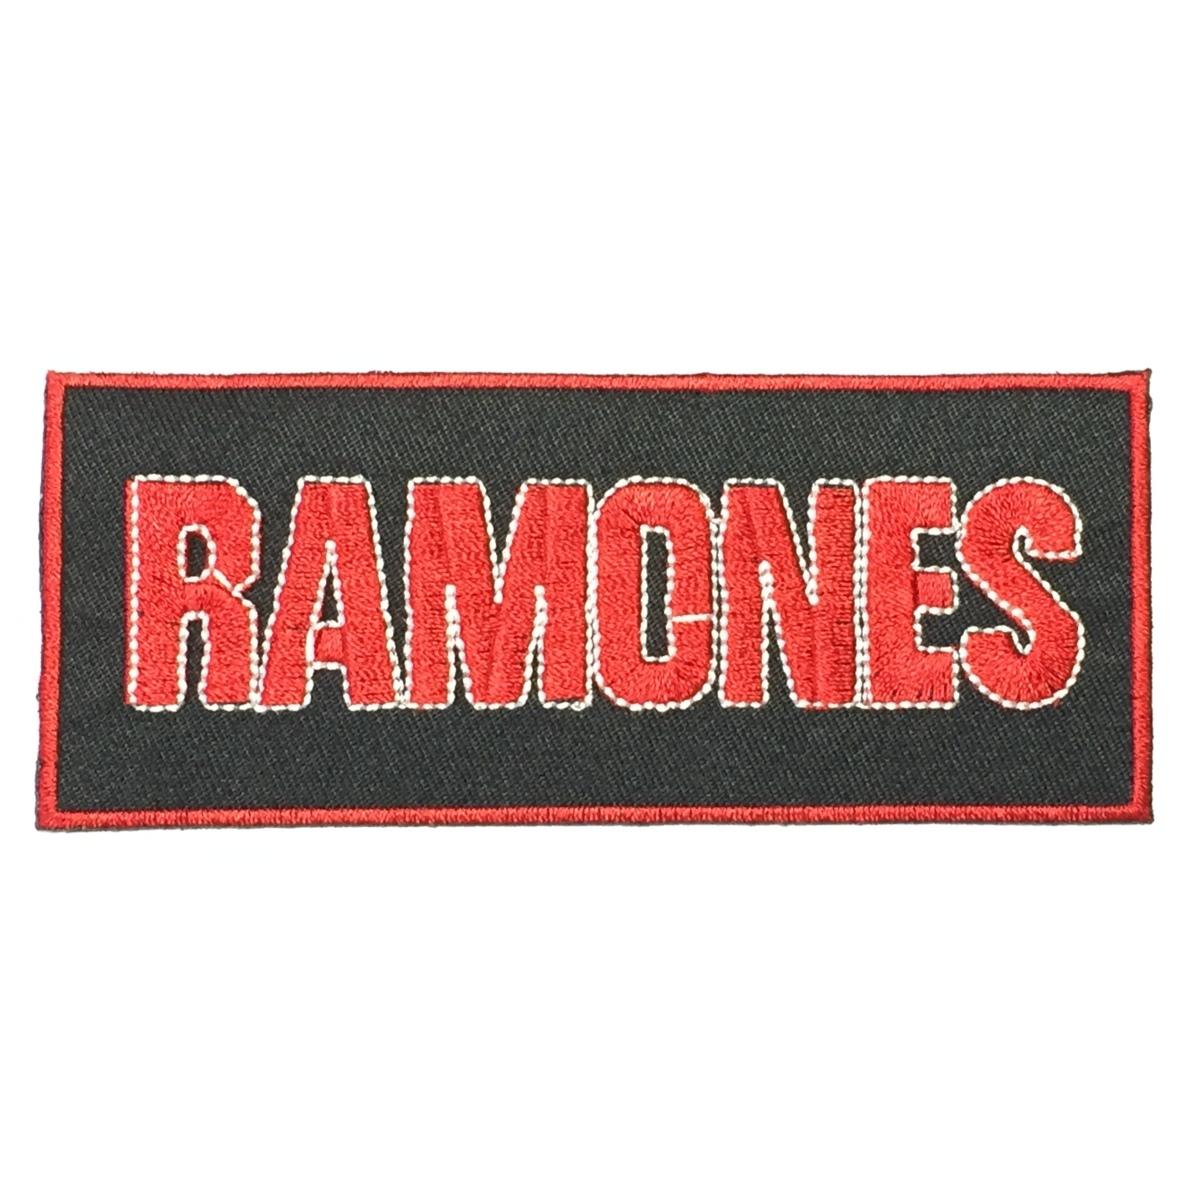 181 Ramones ラモーンズ ラモンズ 横長ロゴ アイロン ワッペン 音楽 パンク ロック リペア カスタム 刺繍ワッペン アイロンワッペン_画像1